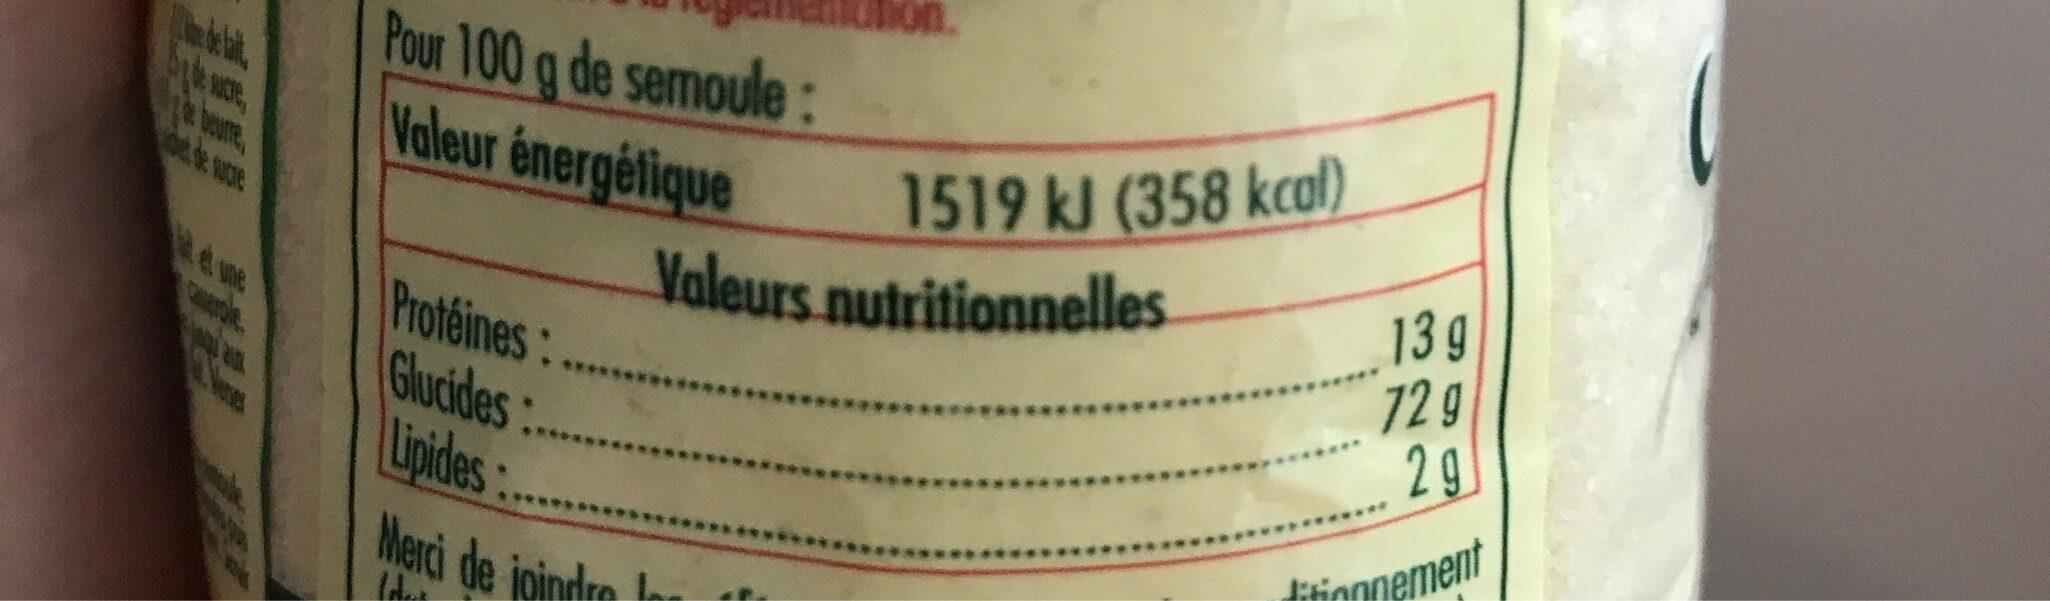 Pz semoule fine 500 v2 /6 - Informazioni nutrizionali - fr